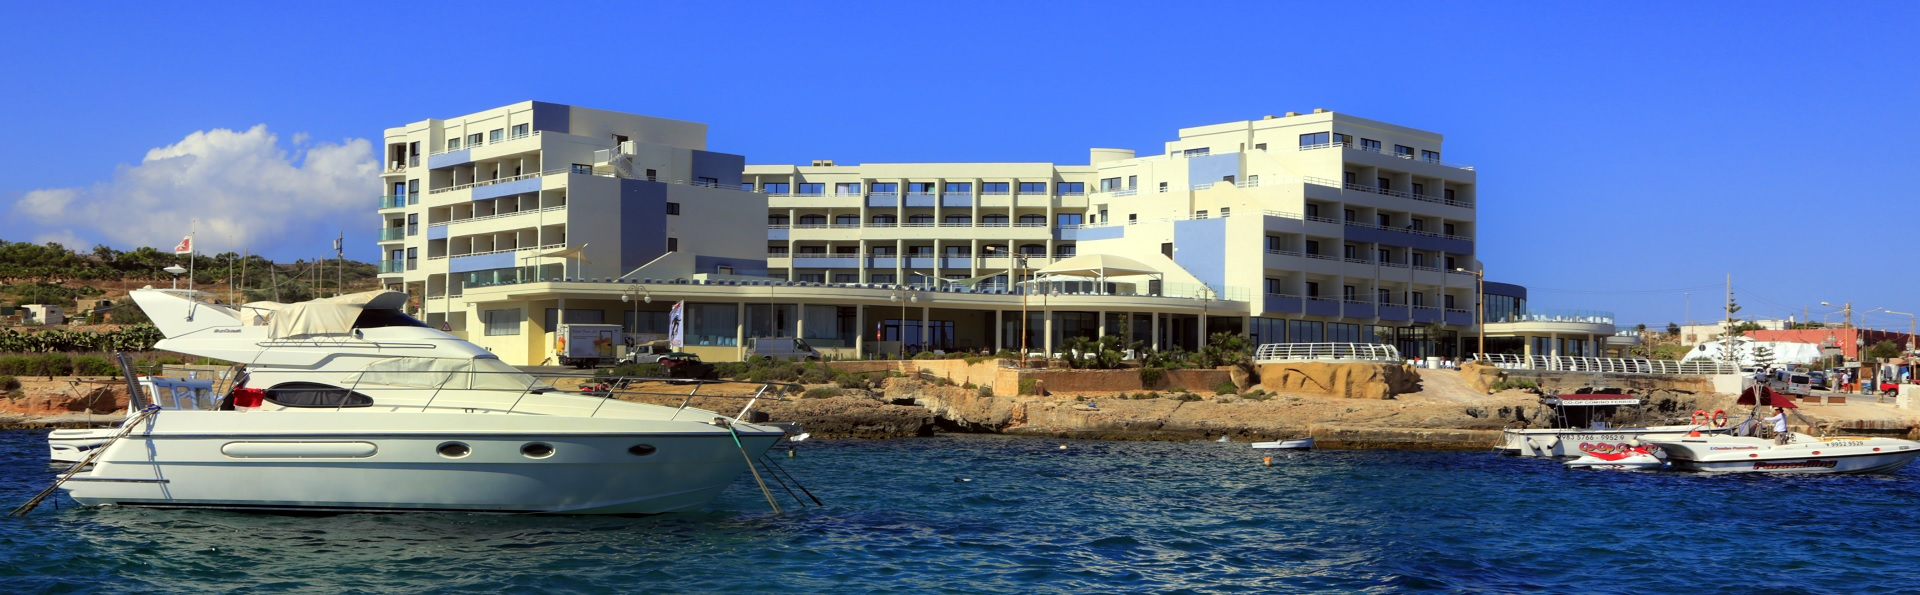 Labranda Riviera Dive Vision Malta